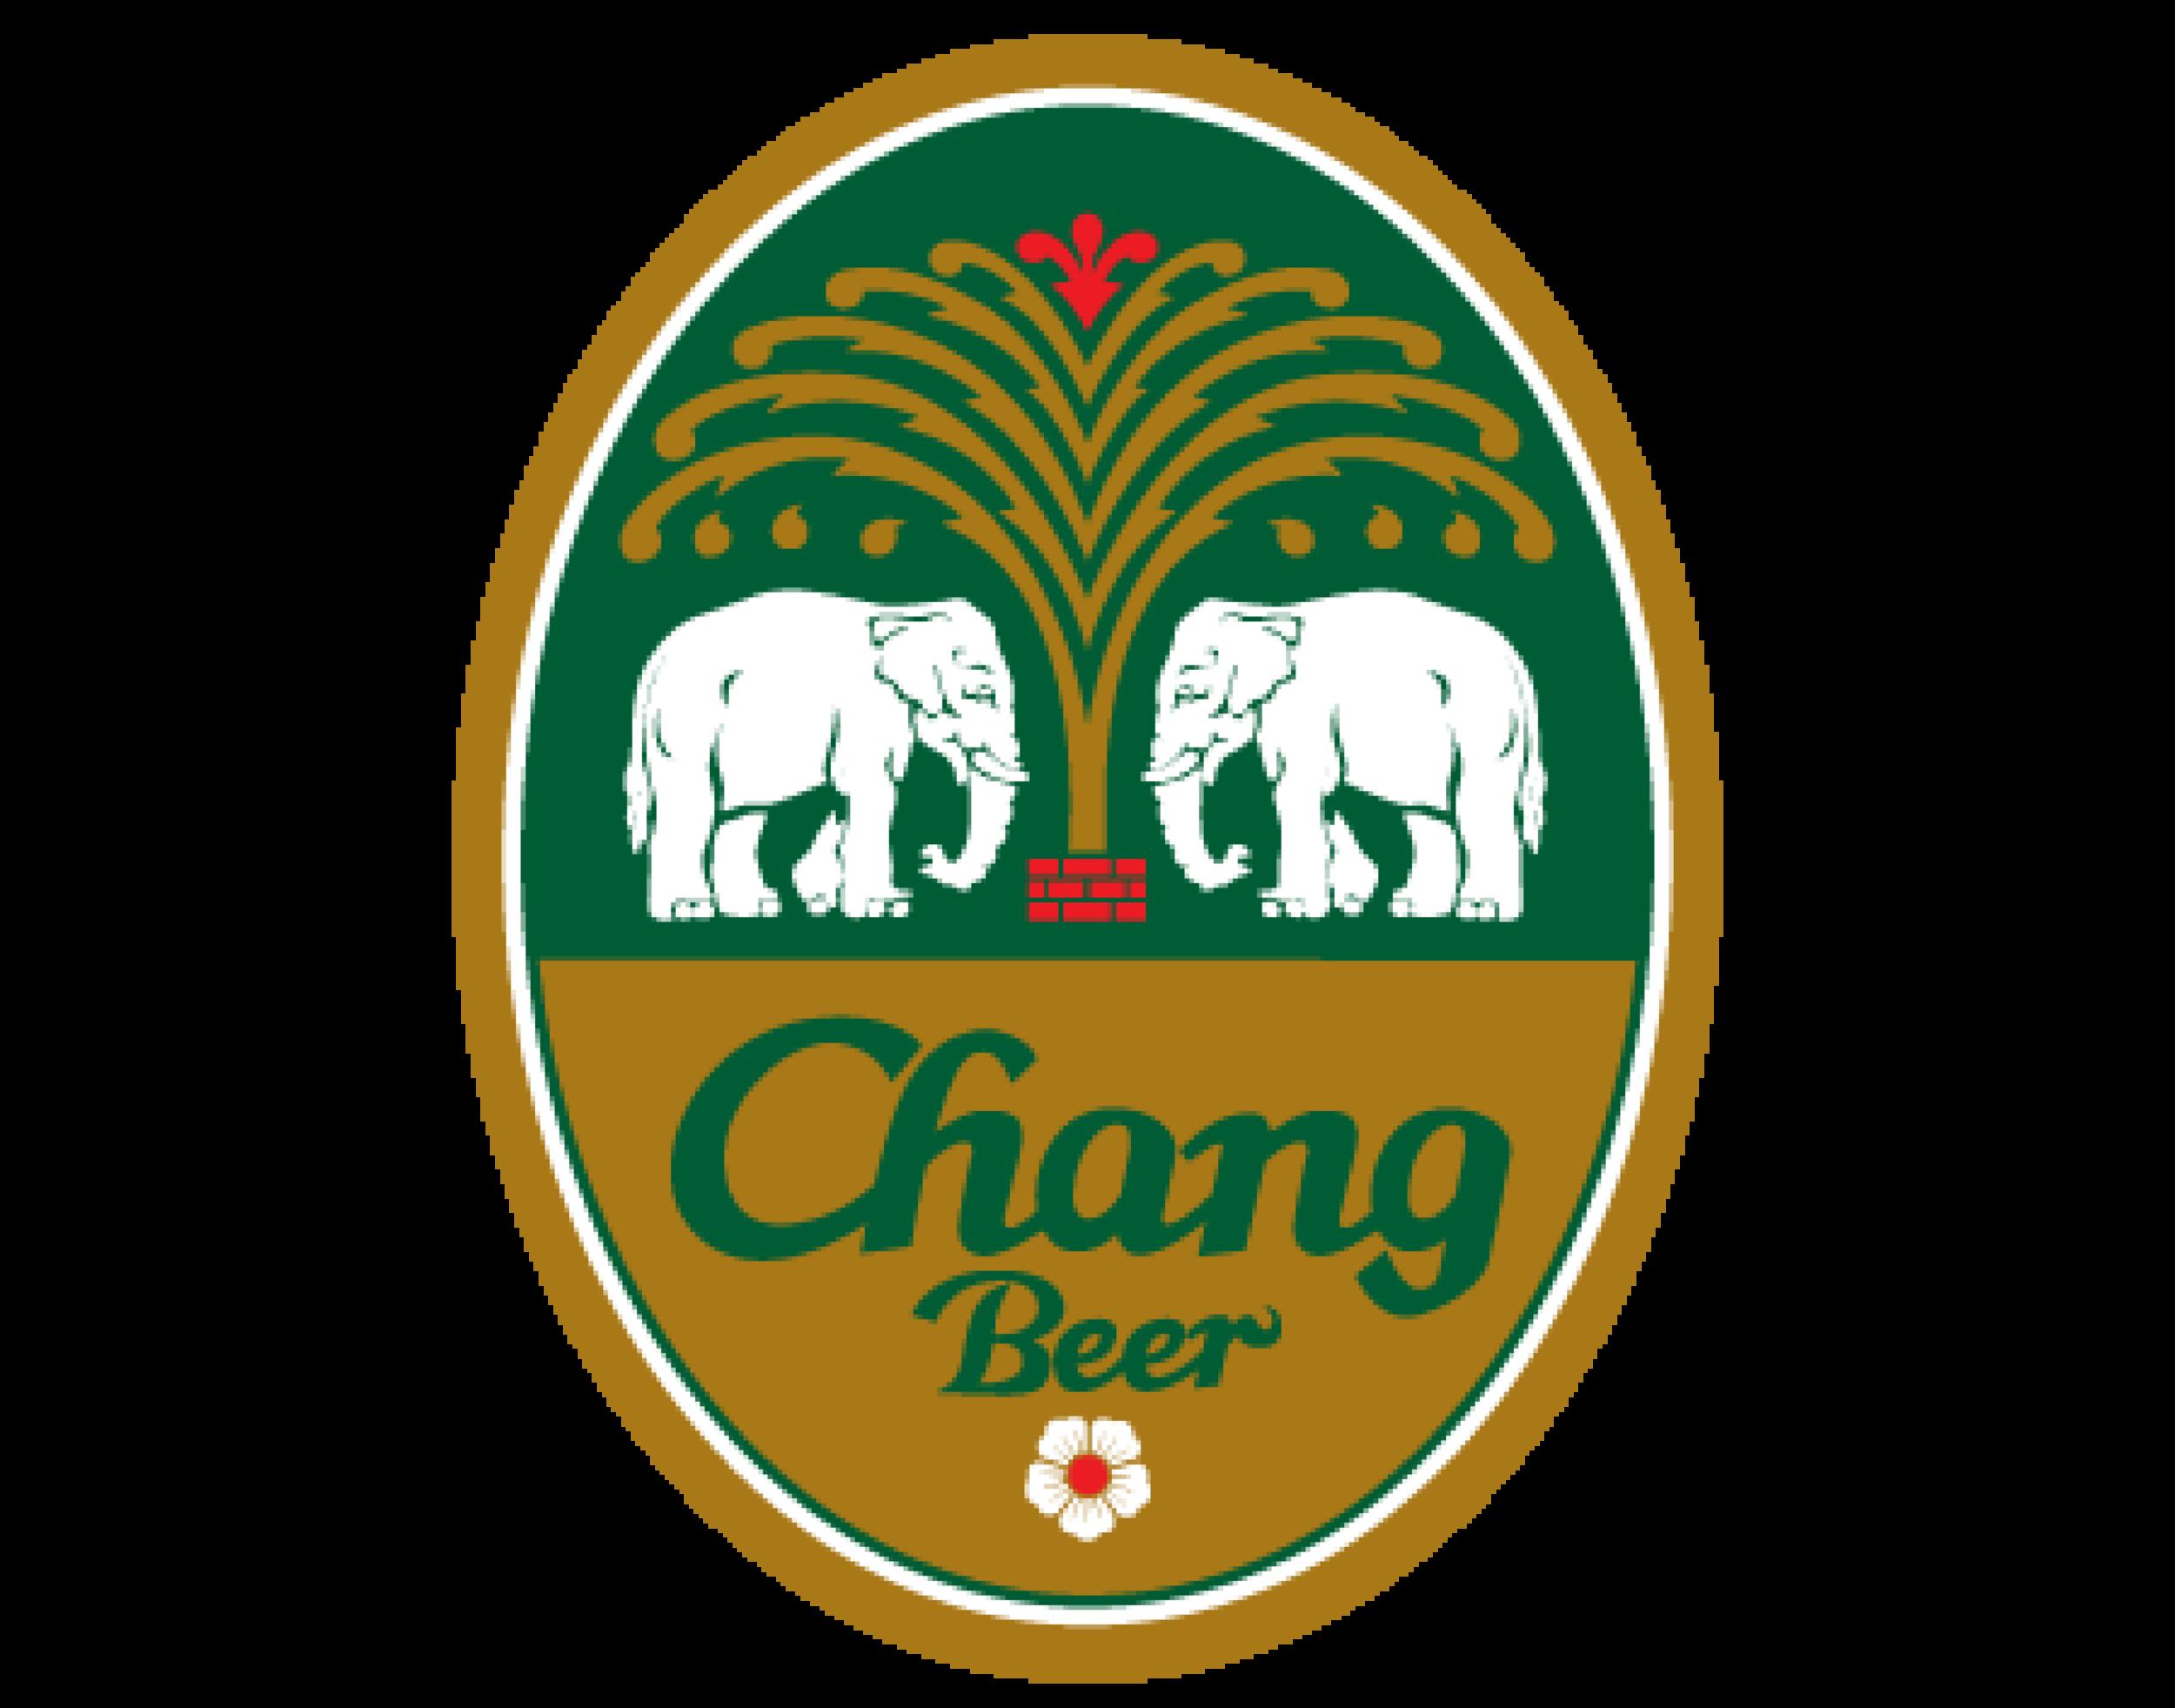 Chang Beer logo. Links to Chang Beer website.